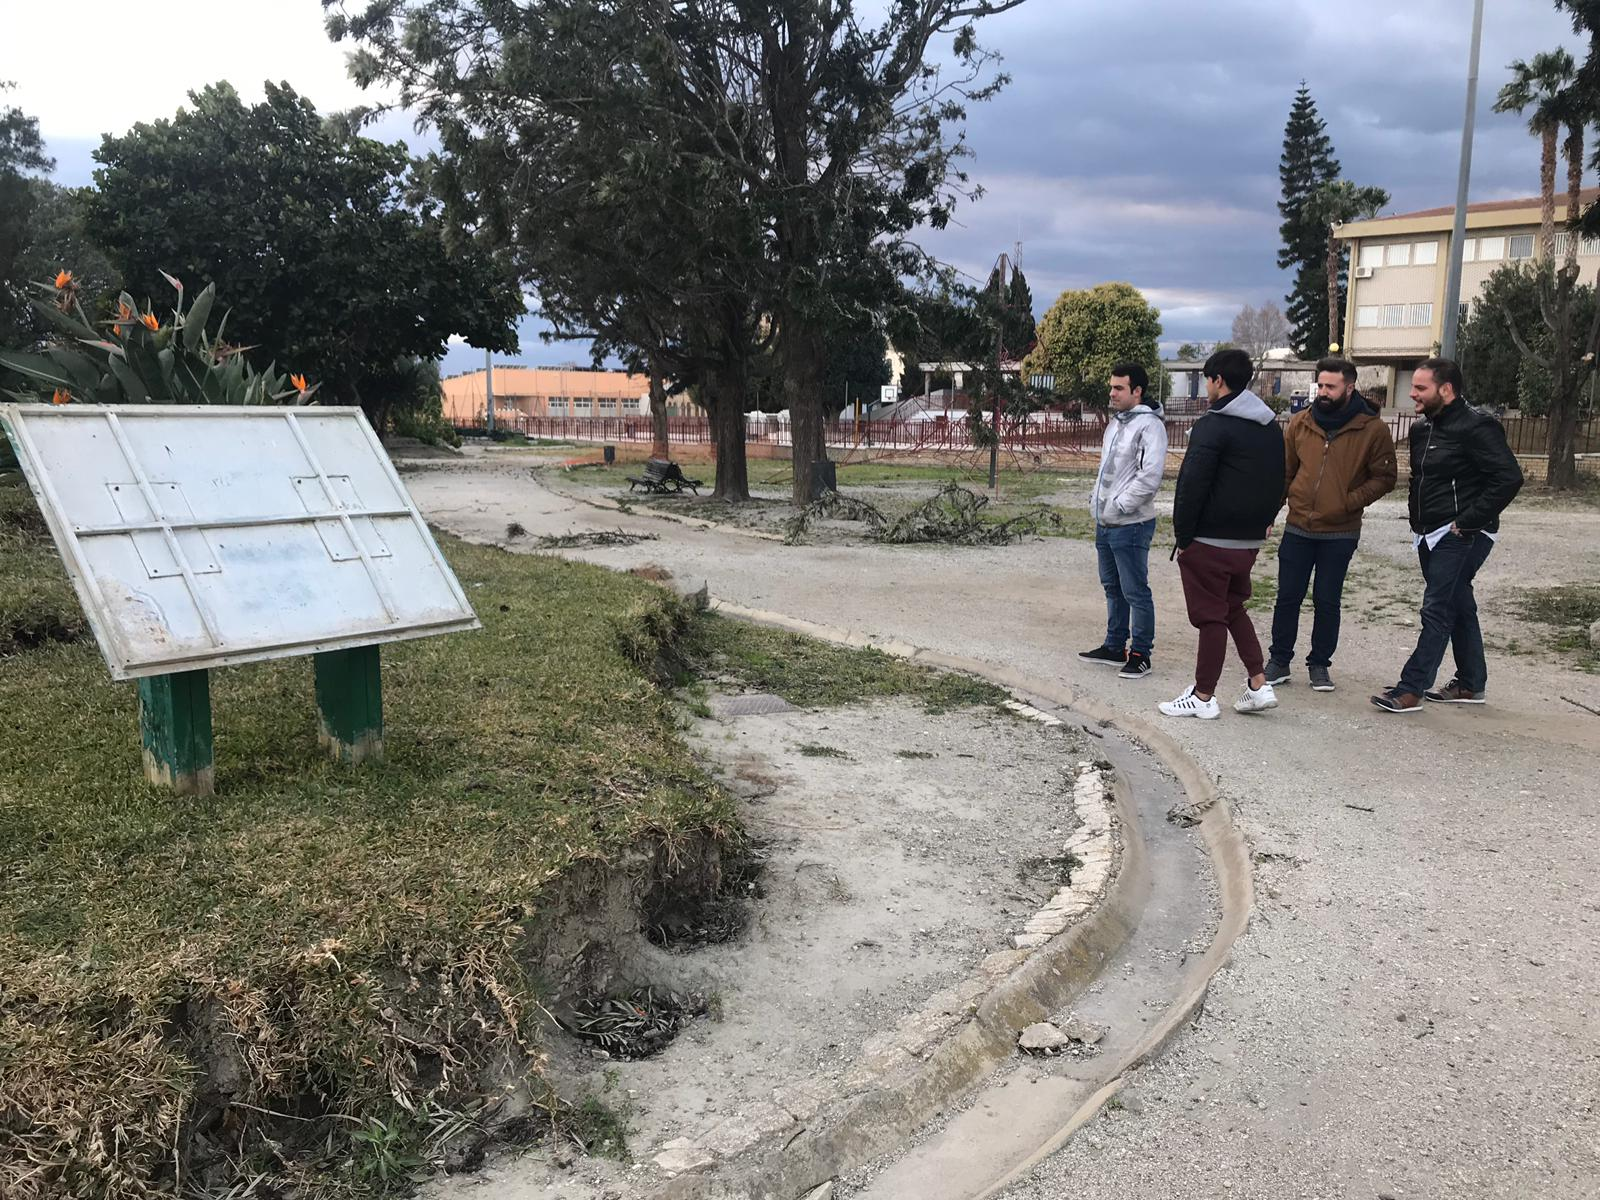 LOS JÓVENES POPULARES EN EL PARQUE DE LOS PUEBLOS DE AMÉRICA